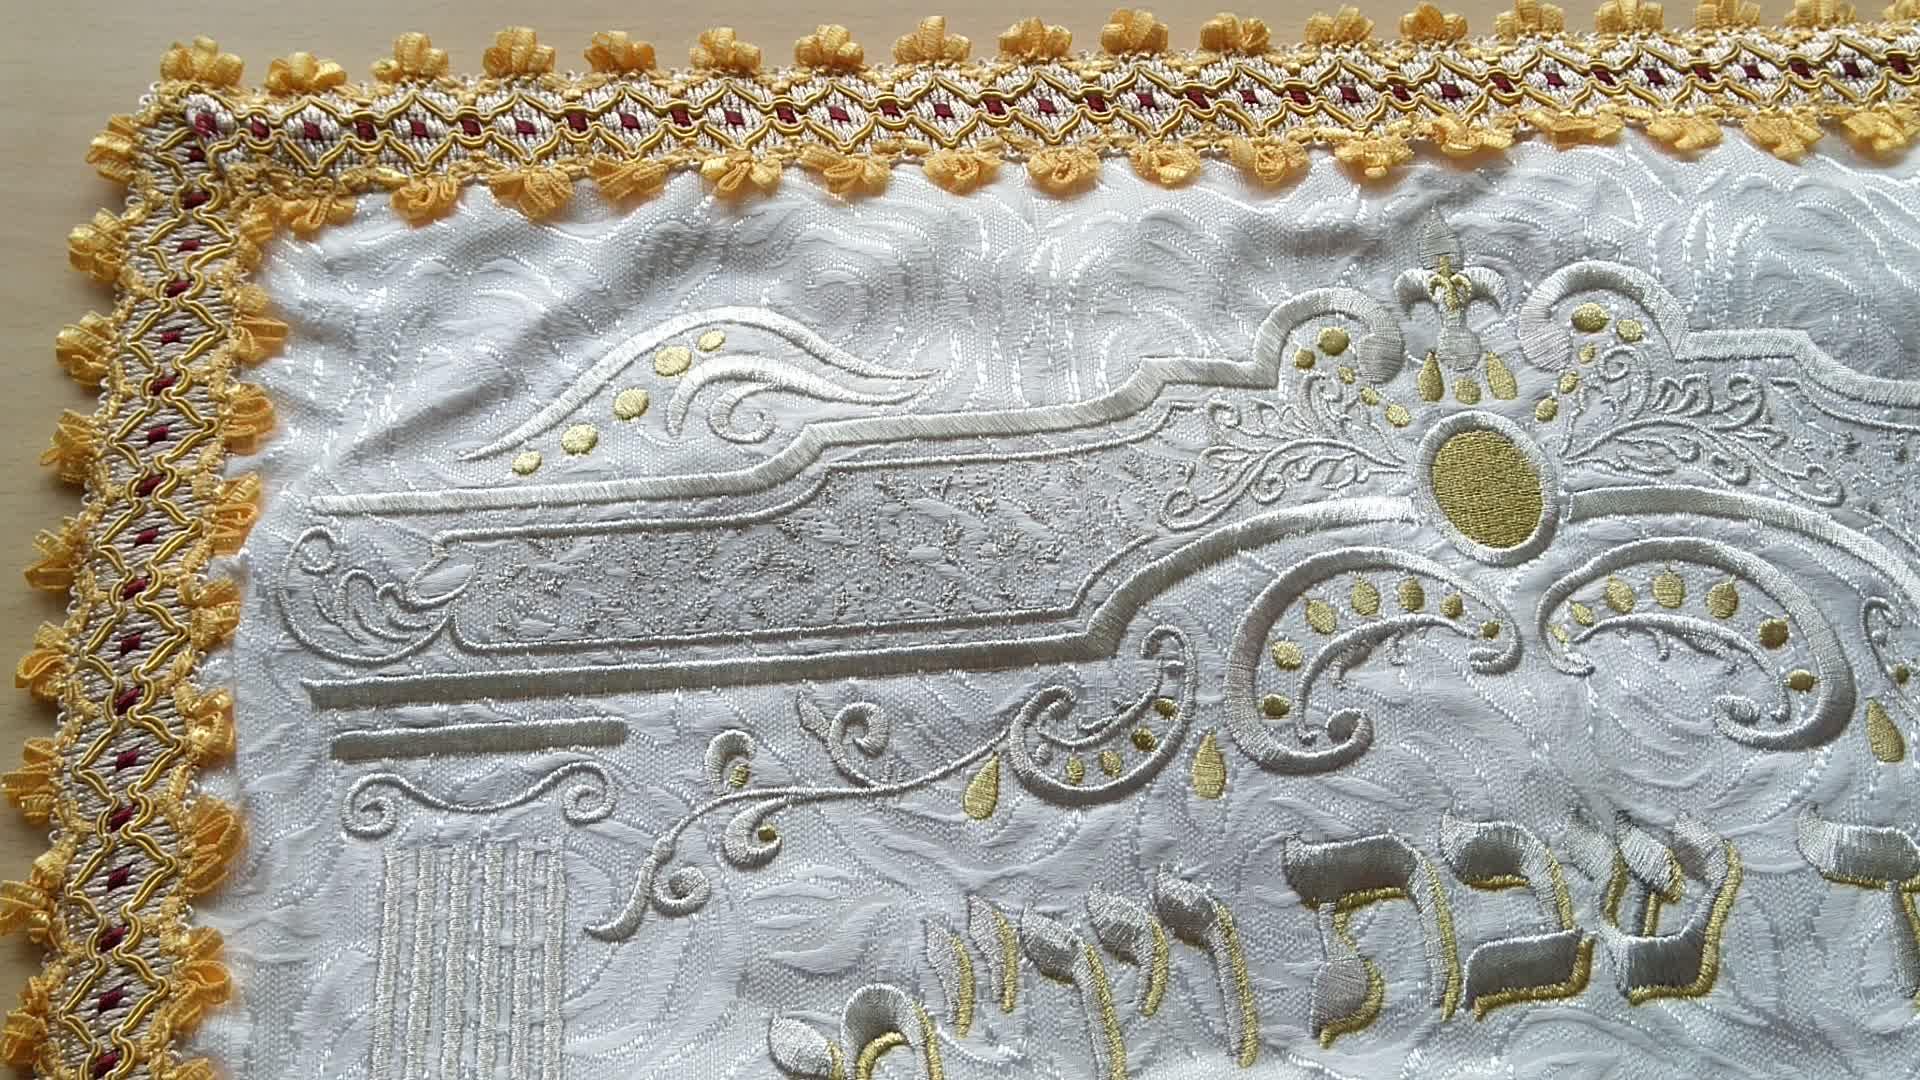 ホット販売メタリック糸刺繍安息日と休日カラカバーゴールド刺繍 hala ためユダヤ人